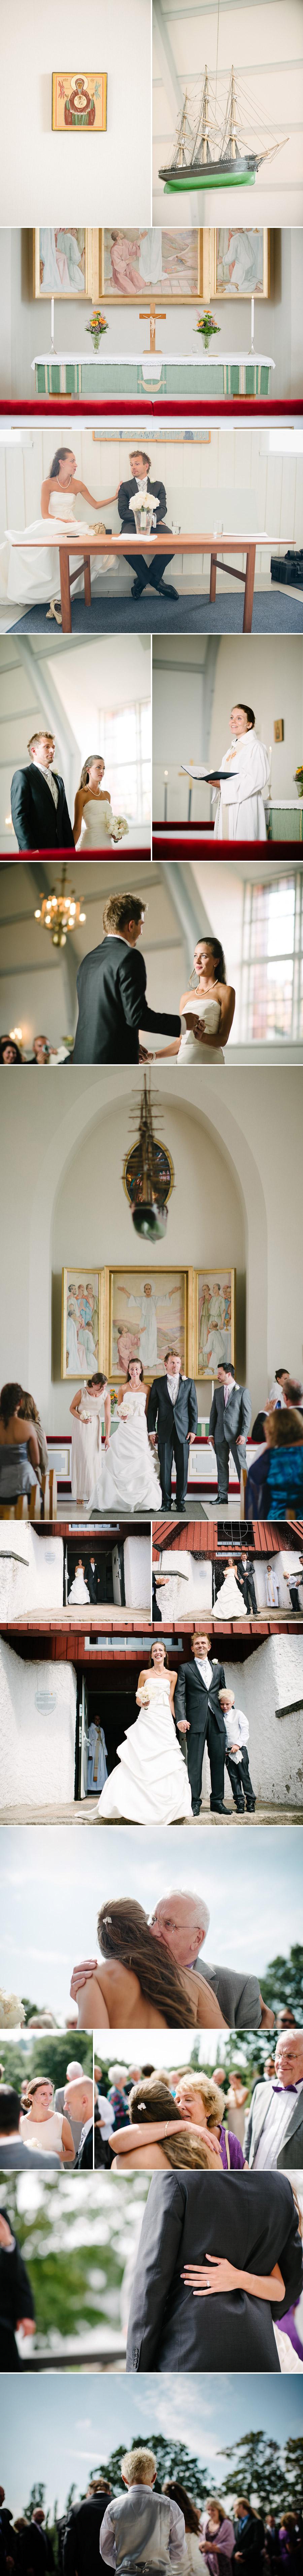 Bröllopsfotograf Göteborg Anna & Martin: Vigseln i Älvsborgs Kyrka